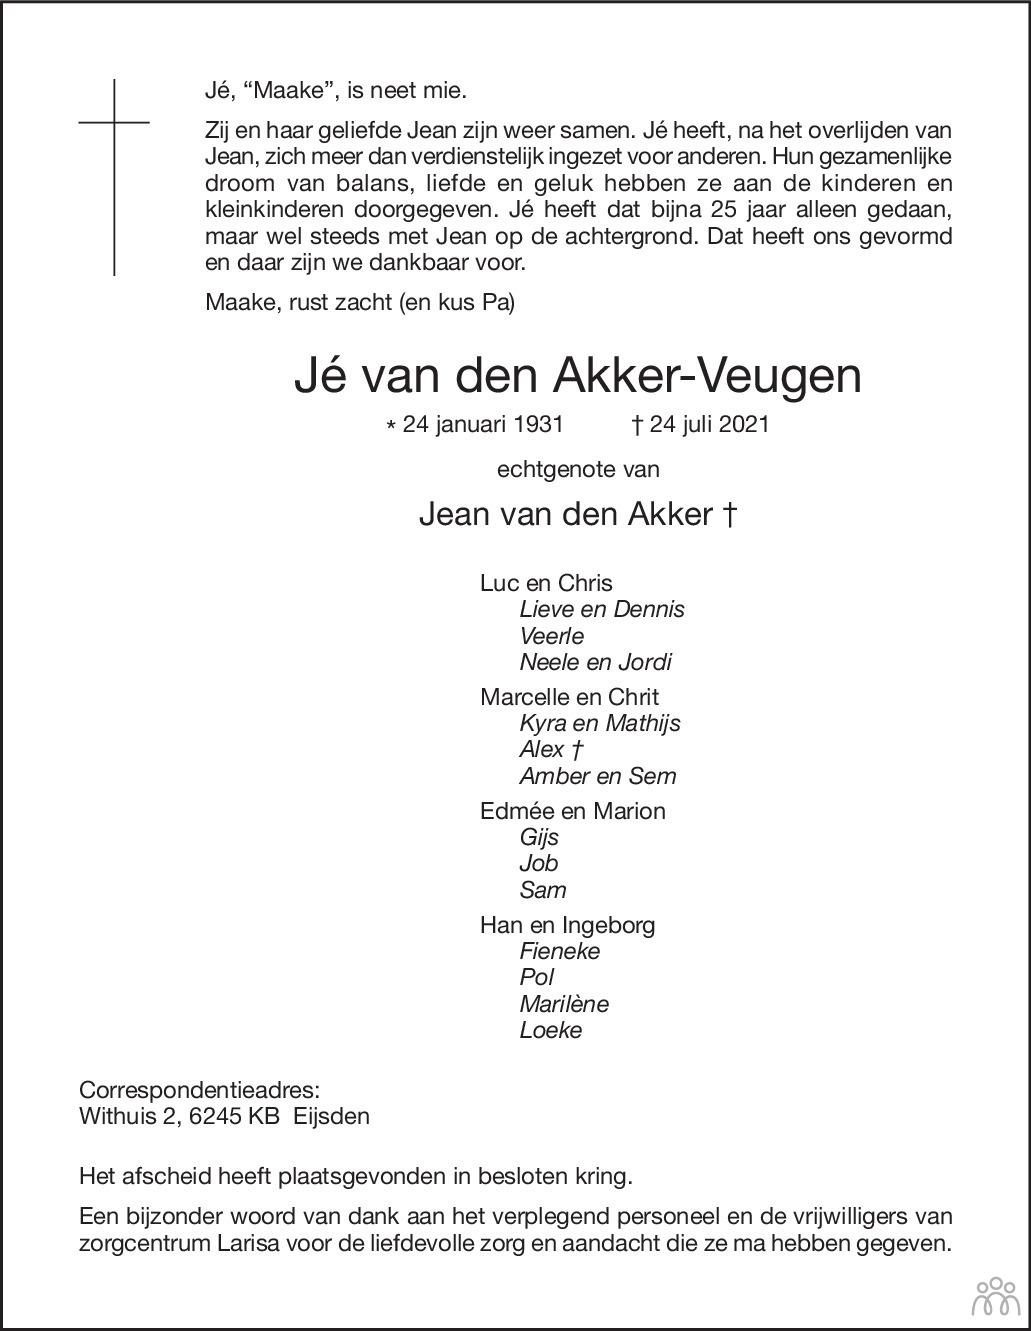 Overlijdensbericht van Jé van den Akker-Veugen in De Limburger